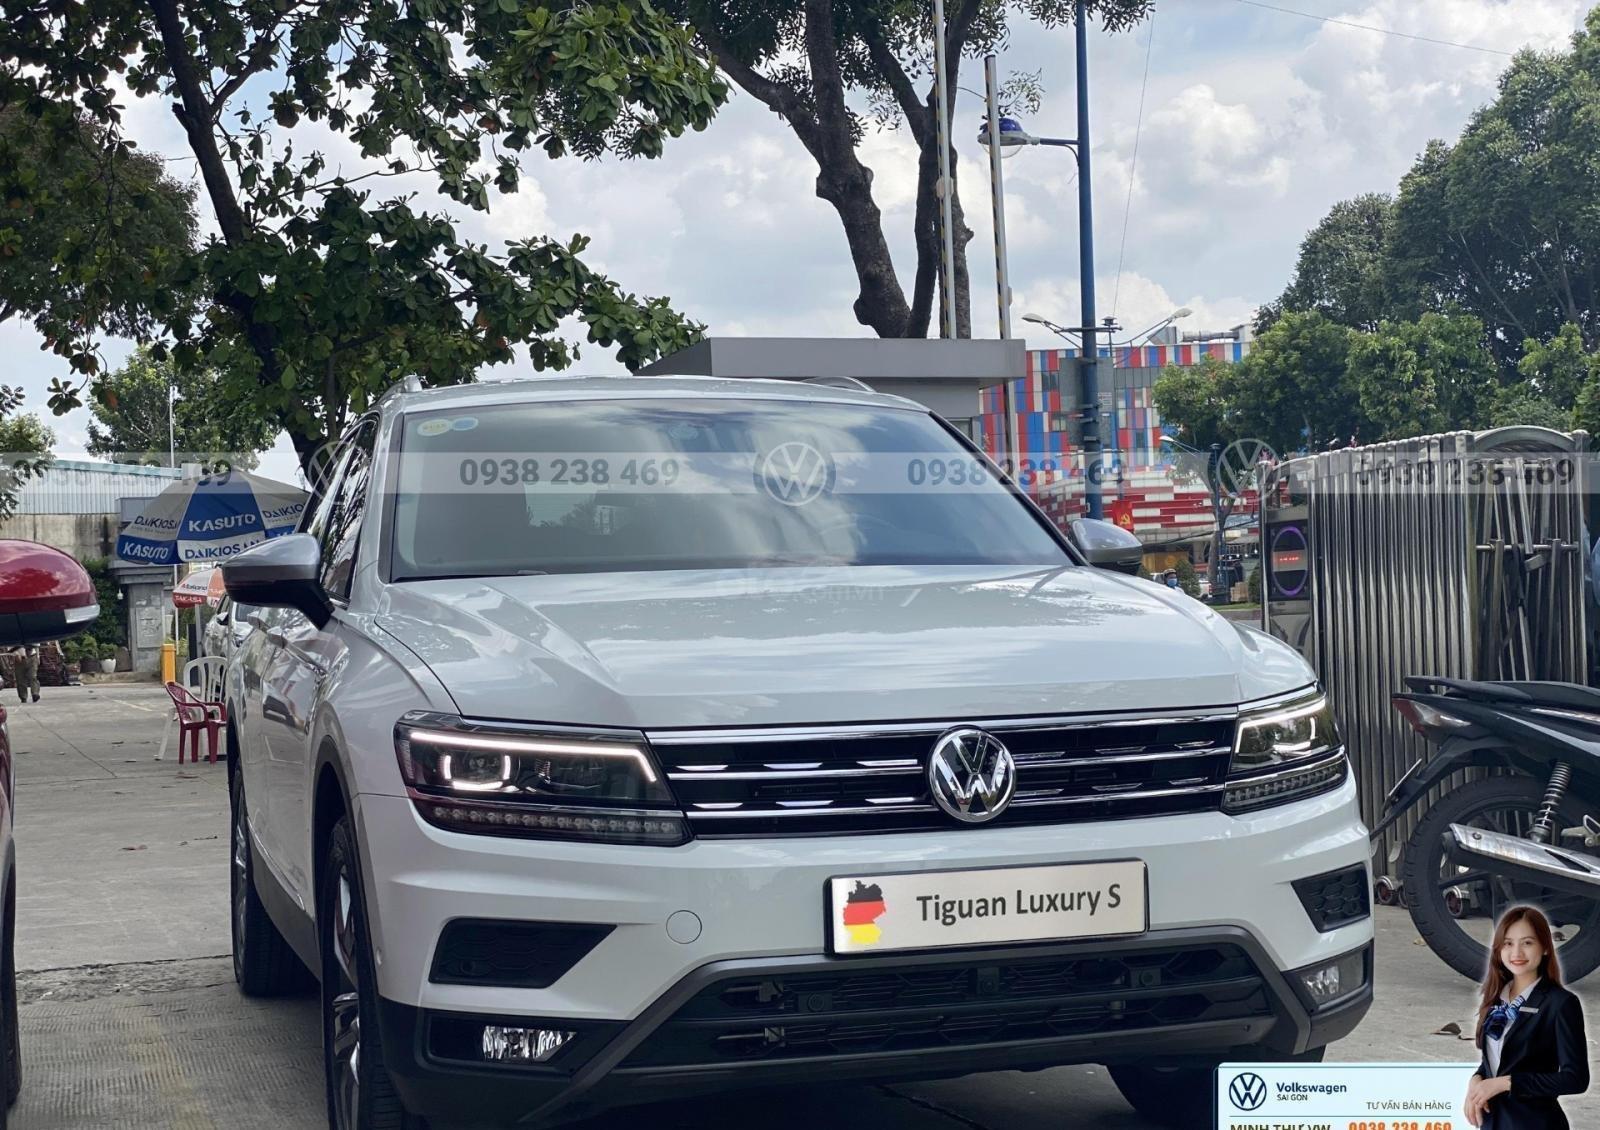 Bán Volkswagen Tiguan Luxury S màu trắng - Phiên bản Offroad - Giá tốt tháng ngâu (2)